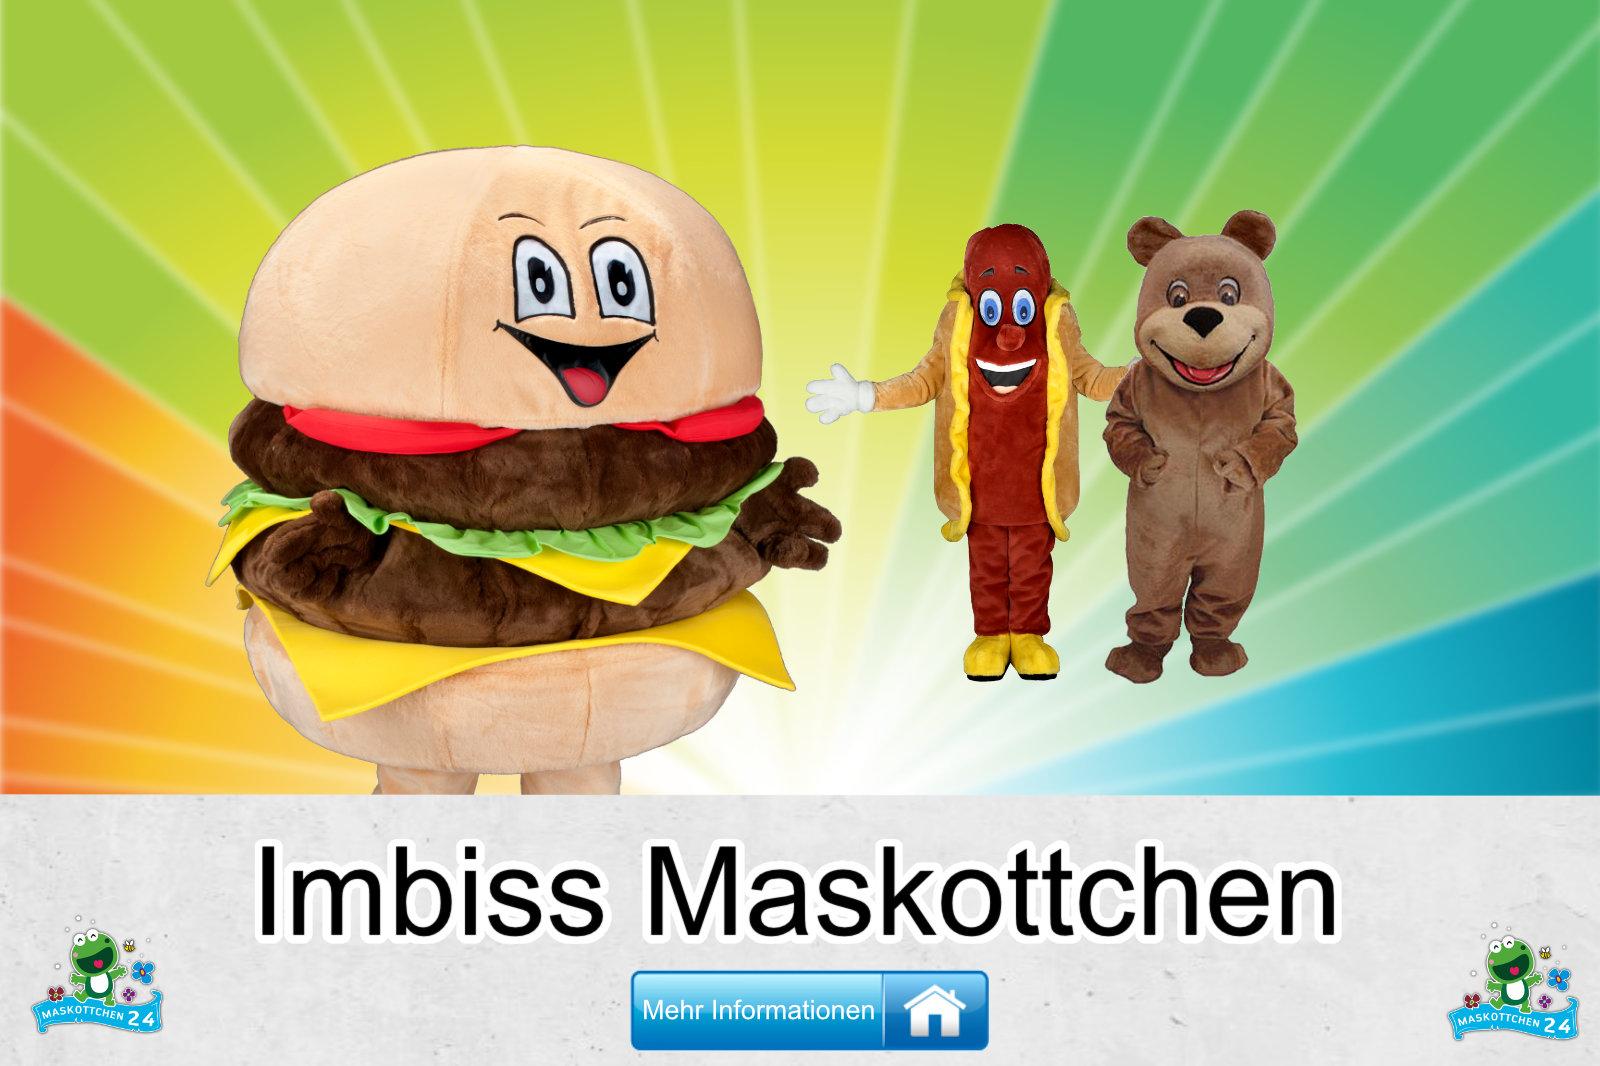 Imbiss Kostüme Maskottchen Herstellung Firma günstig kaufen